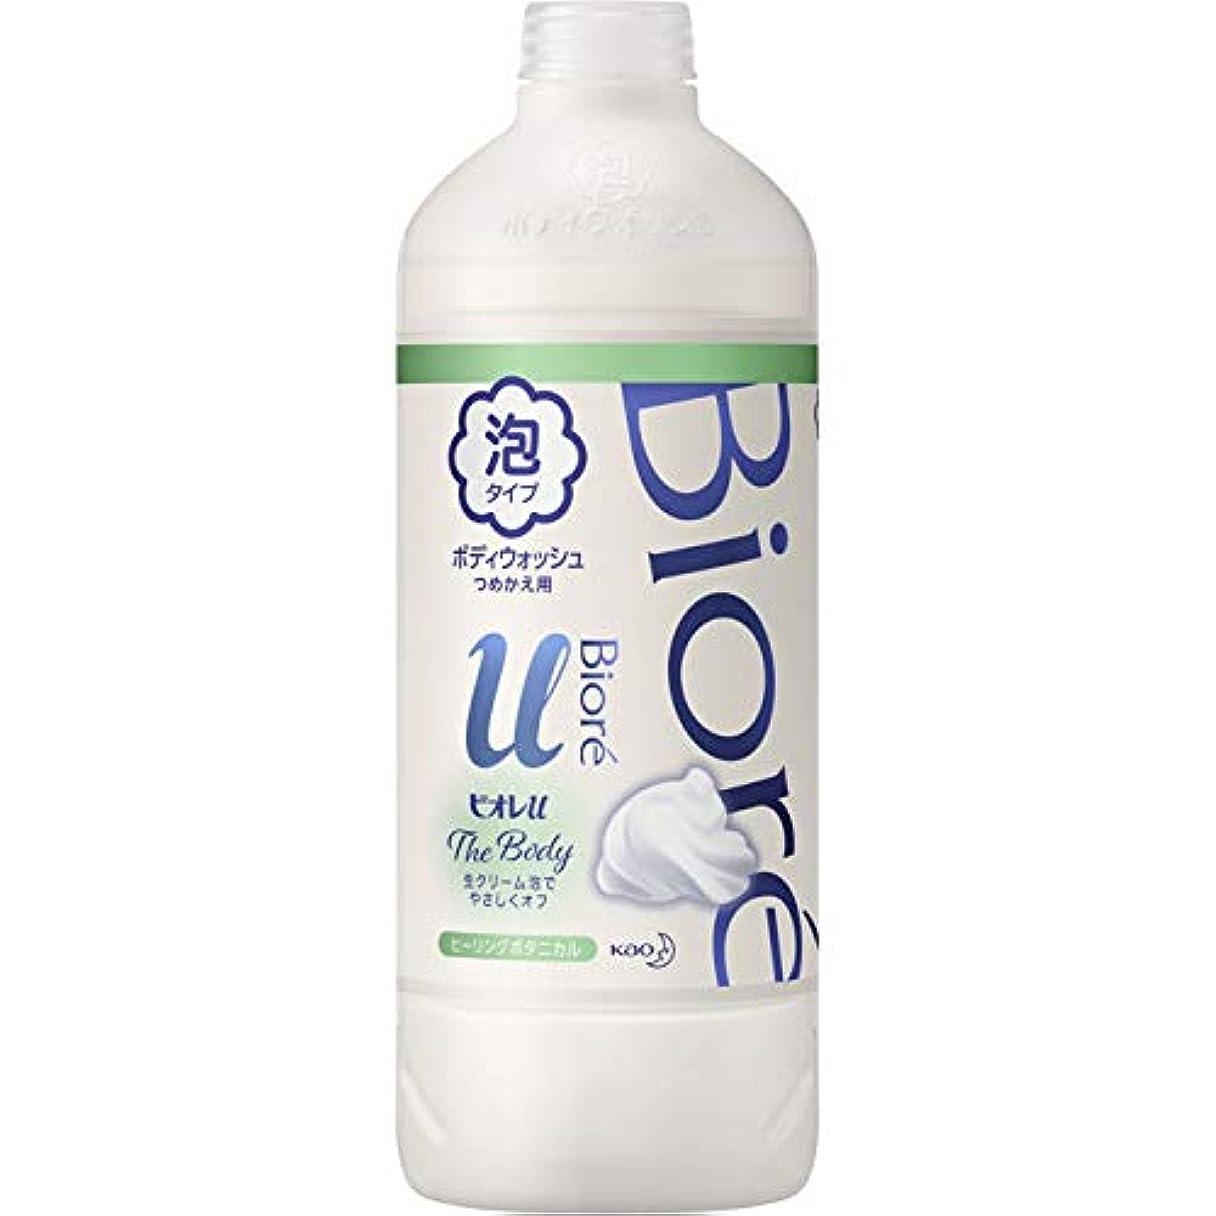 地域のペンダント必要条件花王 ビオレu ザ ボディ泡ヒーリングボタニカルの香り 詰替え用 450ml